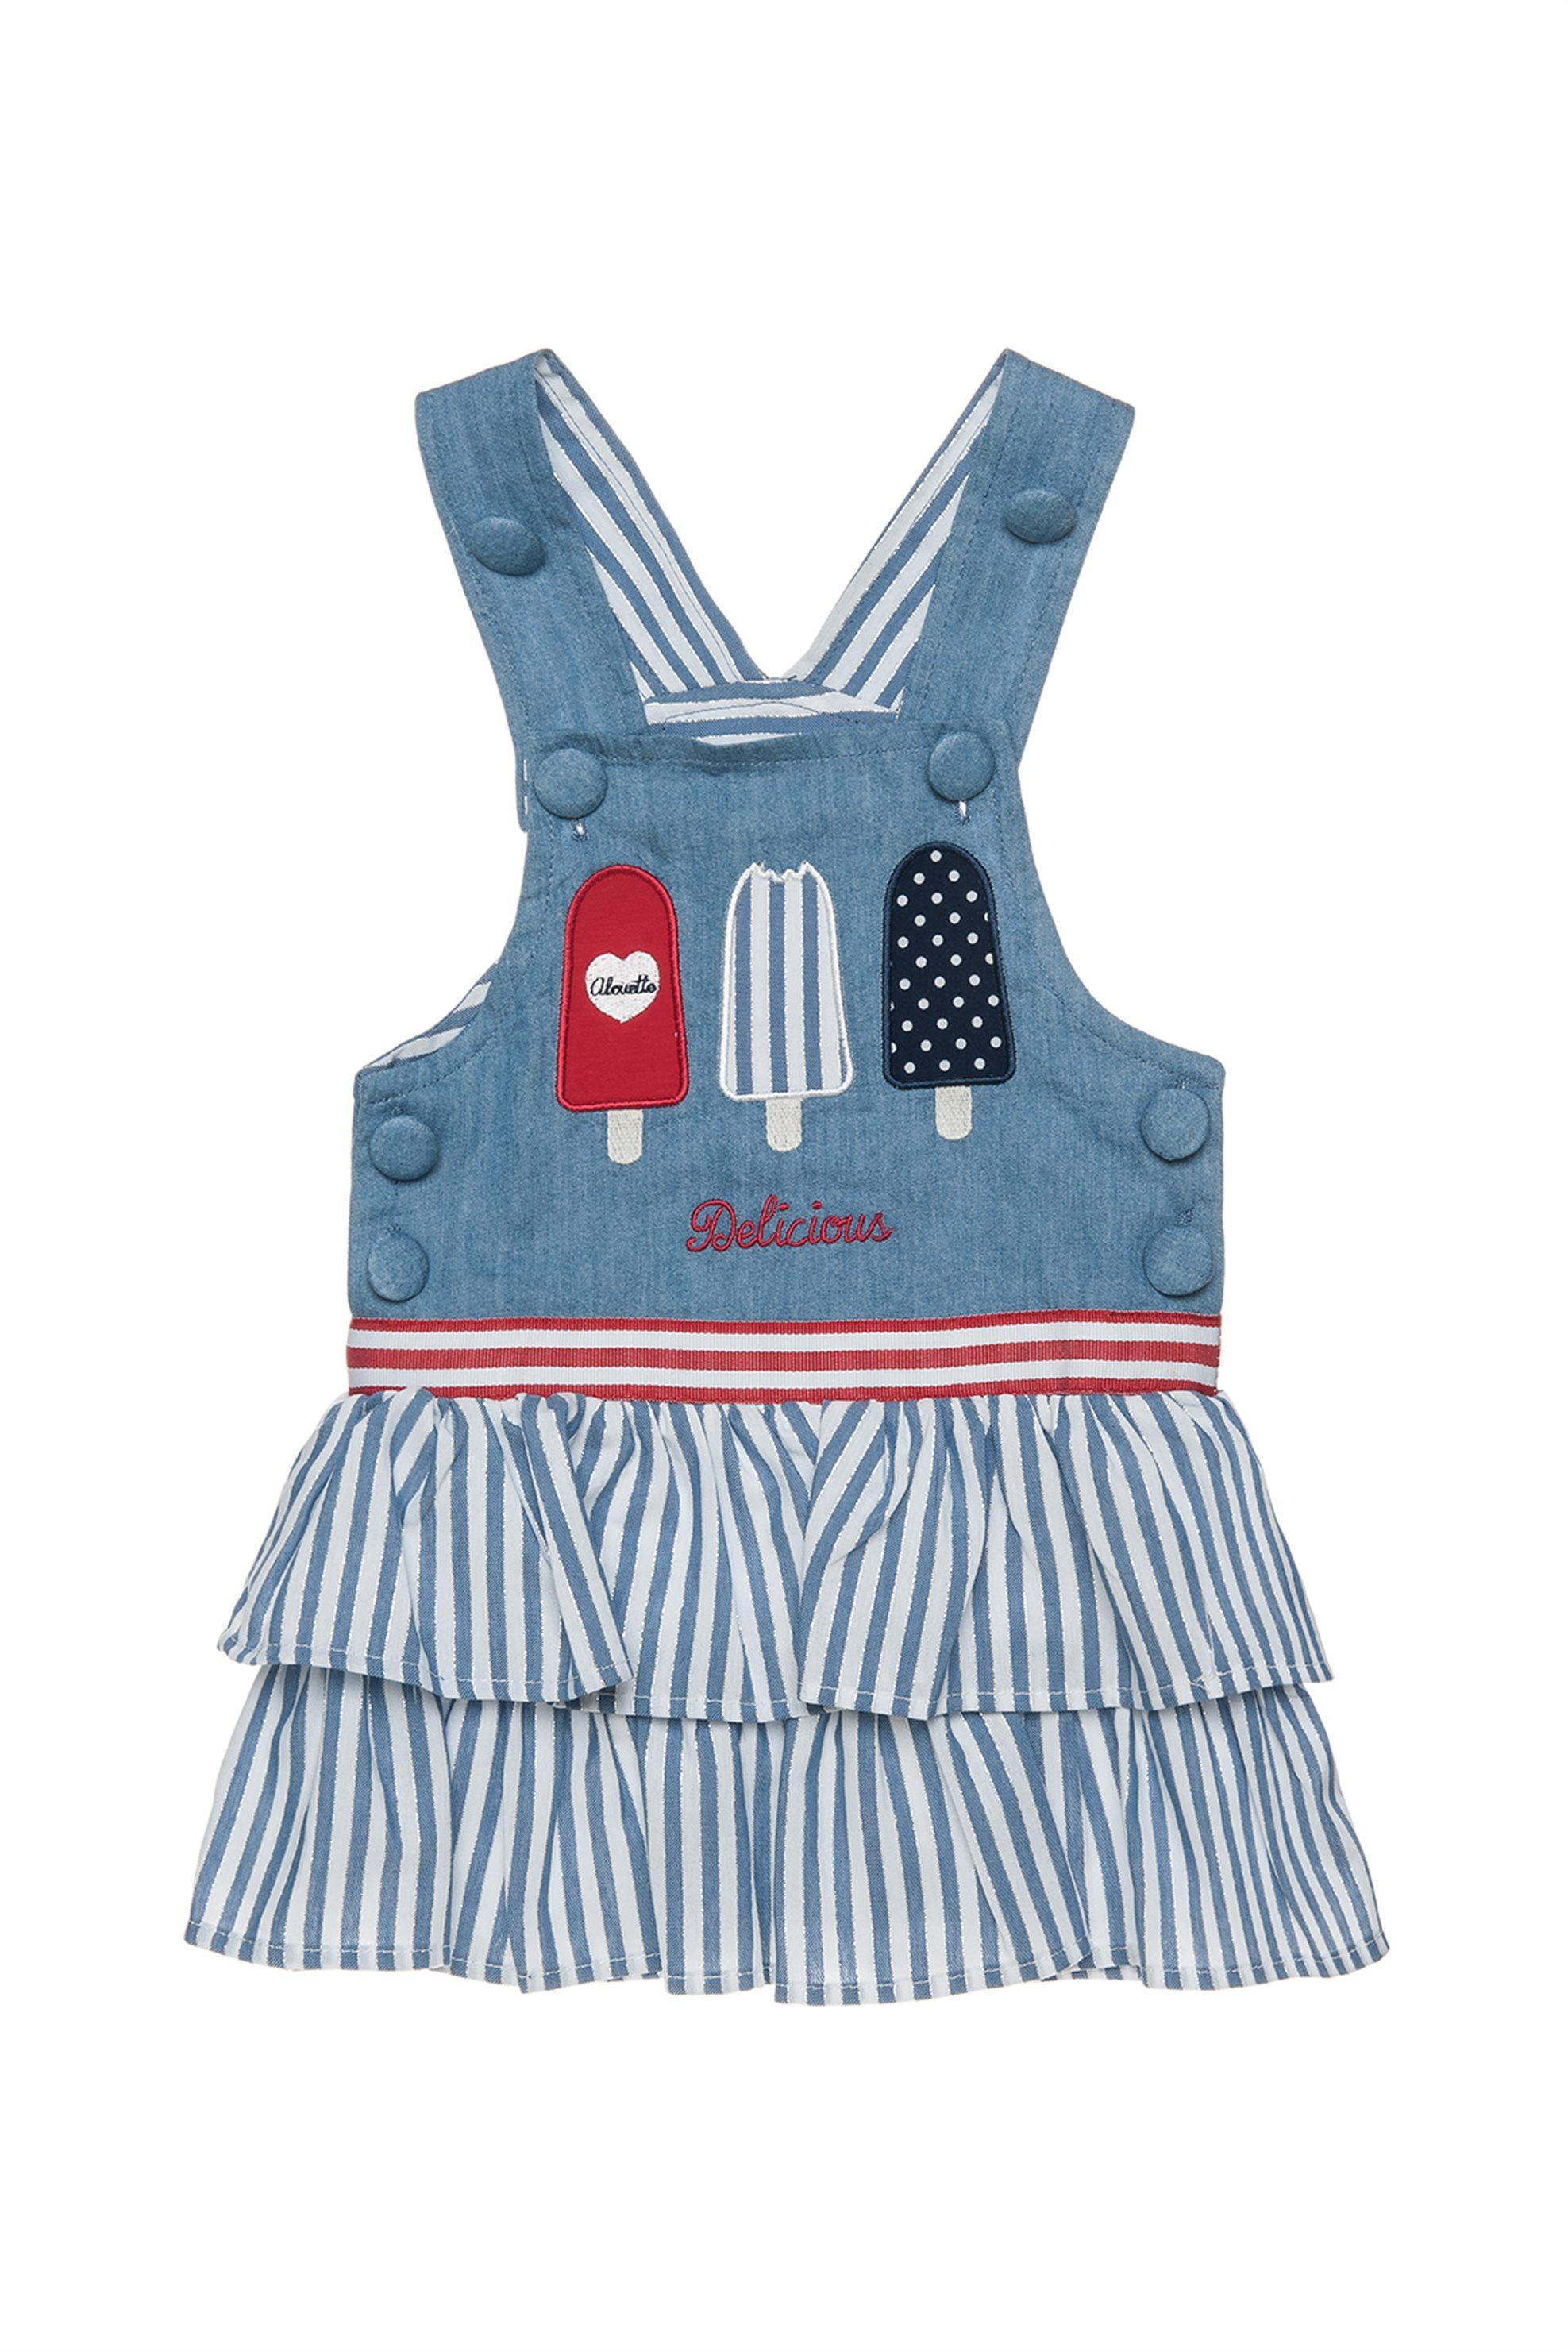 Βρεφικό φόρεμα - σαλοπέτα τζην Alouette - 00241181 - Μπλε παιδι   βρεφικα κοριτσι   0 3 ετων   ρούχα   φορέματα   φούστες